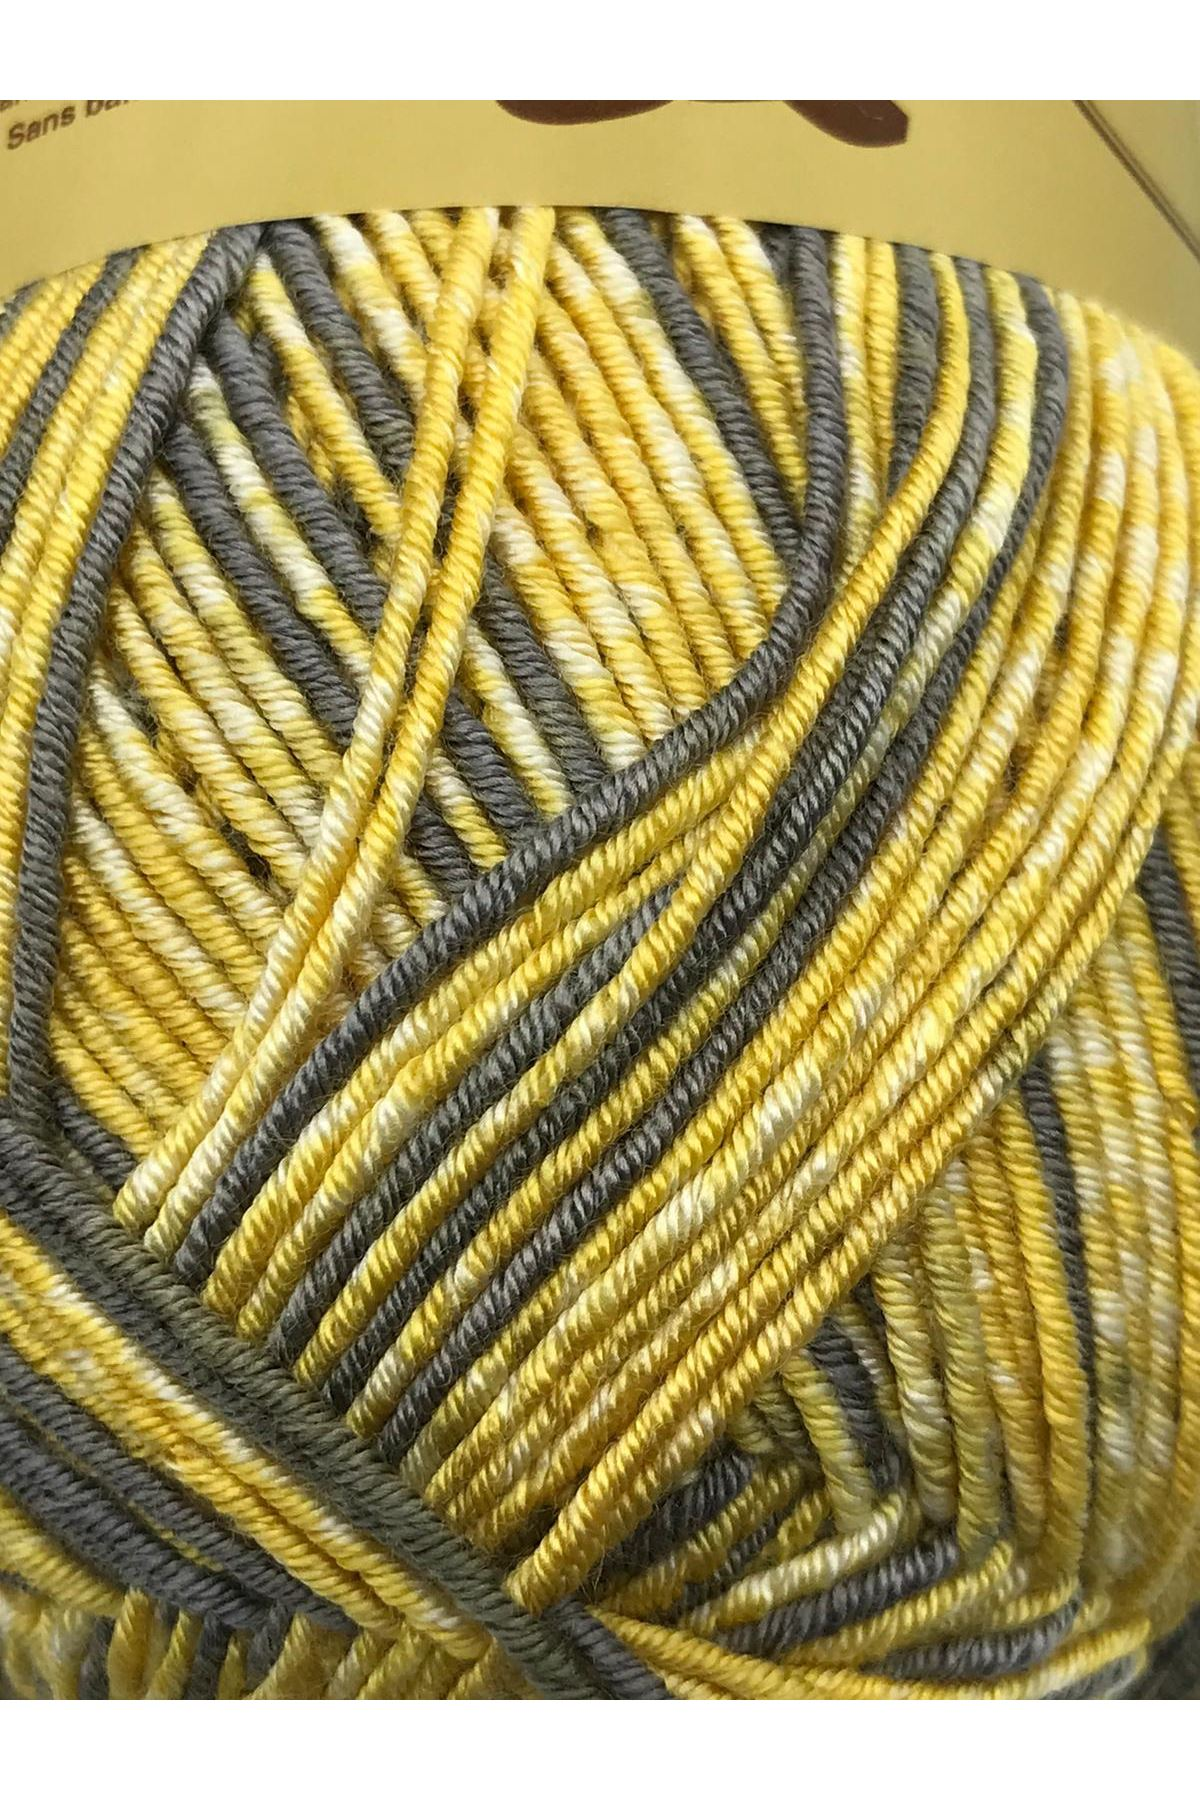 İhrac Fazlası 5'li Paket Çoraplık Akrilik Ebruli 257